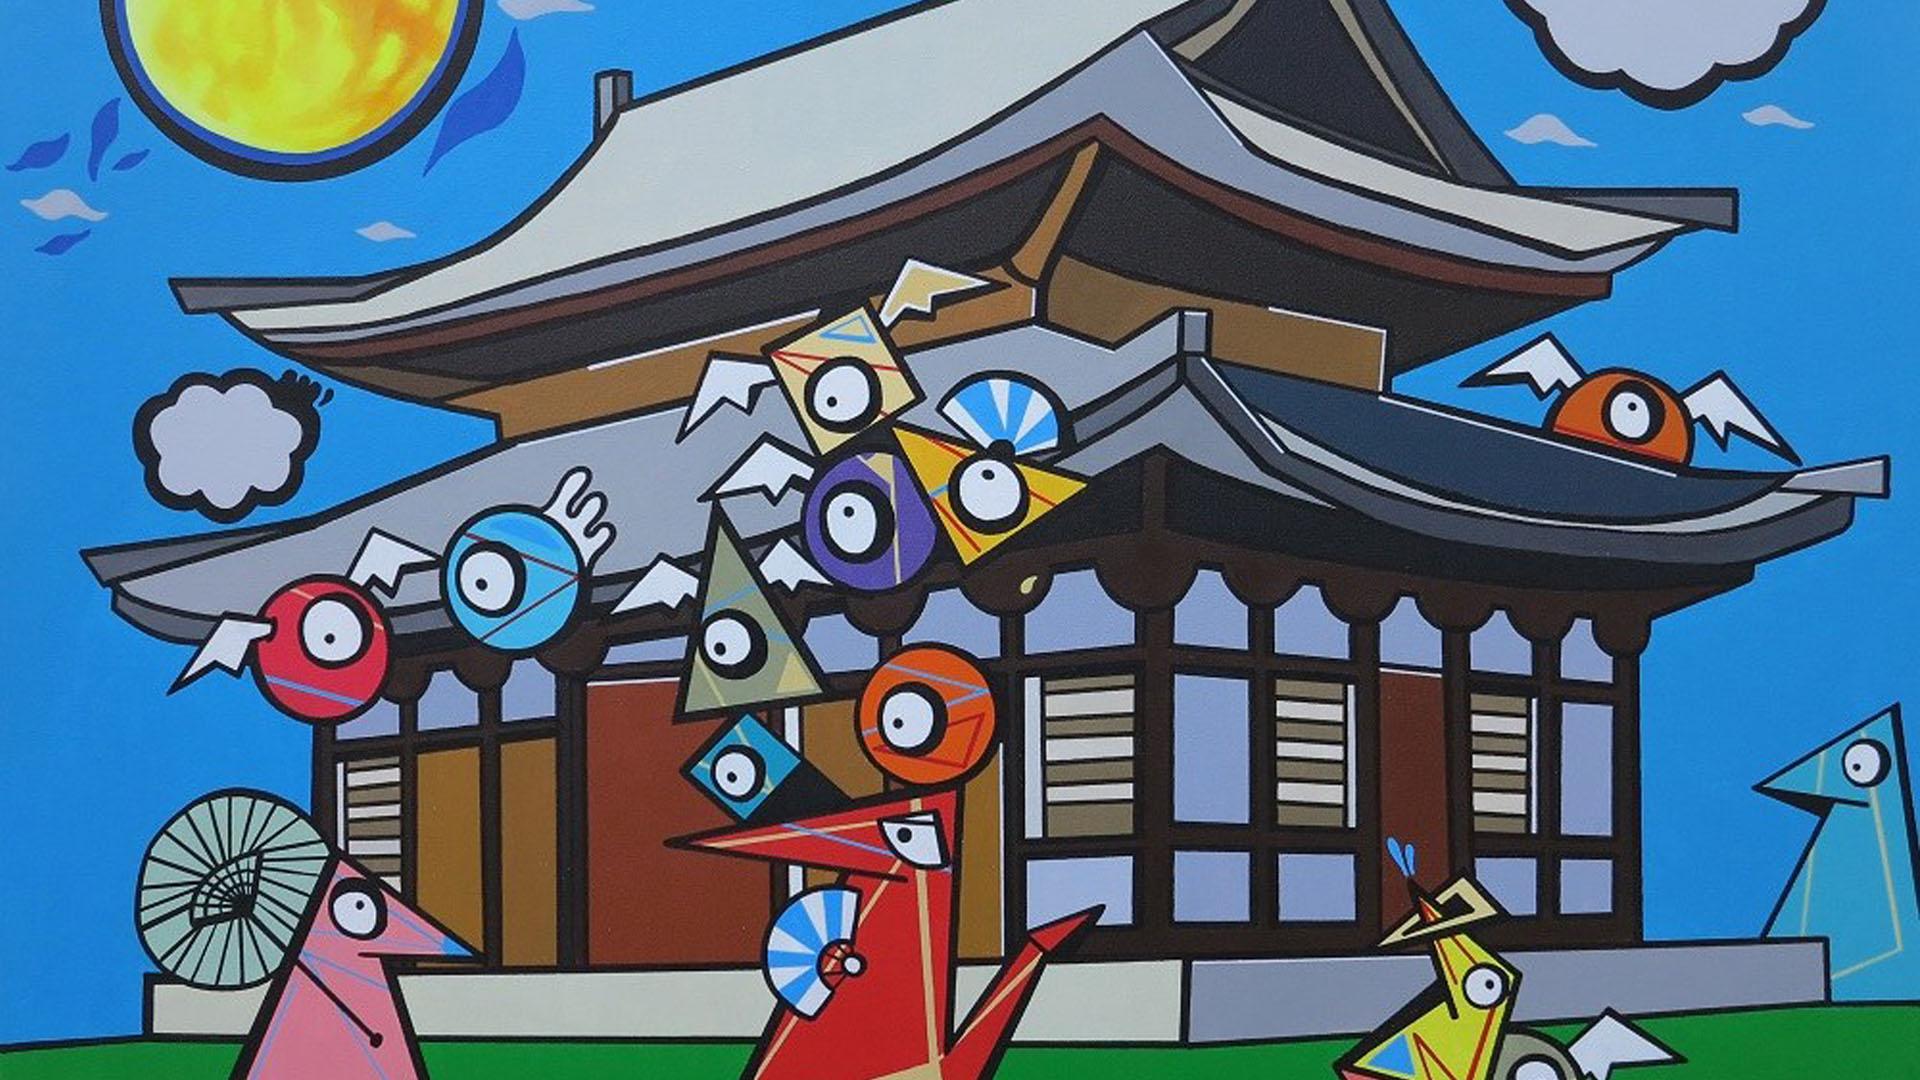 Młoda Sztuka – czym jest? Odpowiada Dom Aukcyjny Art in House